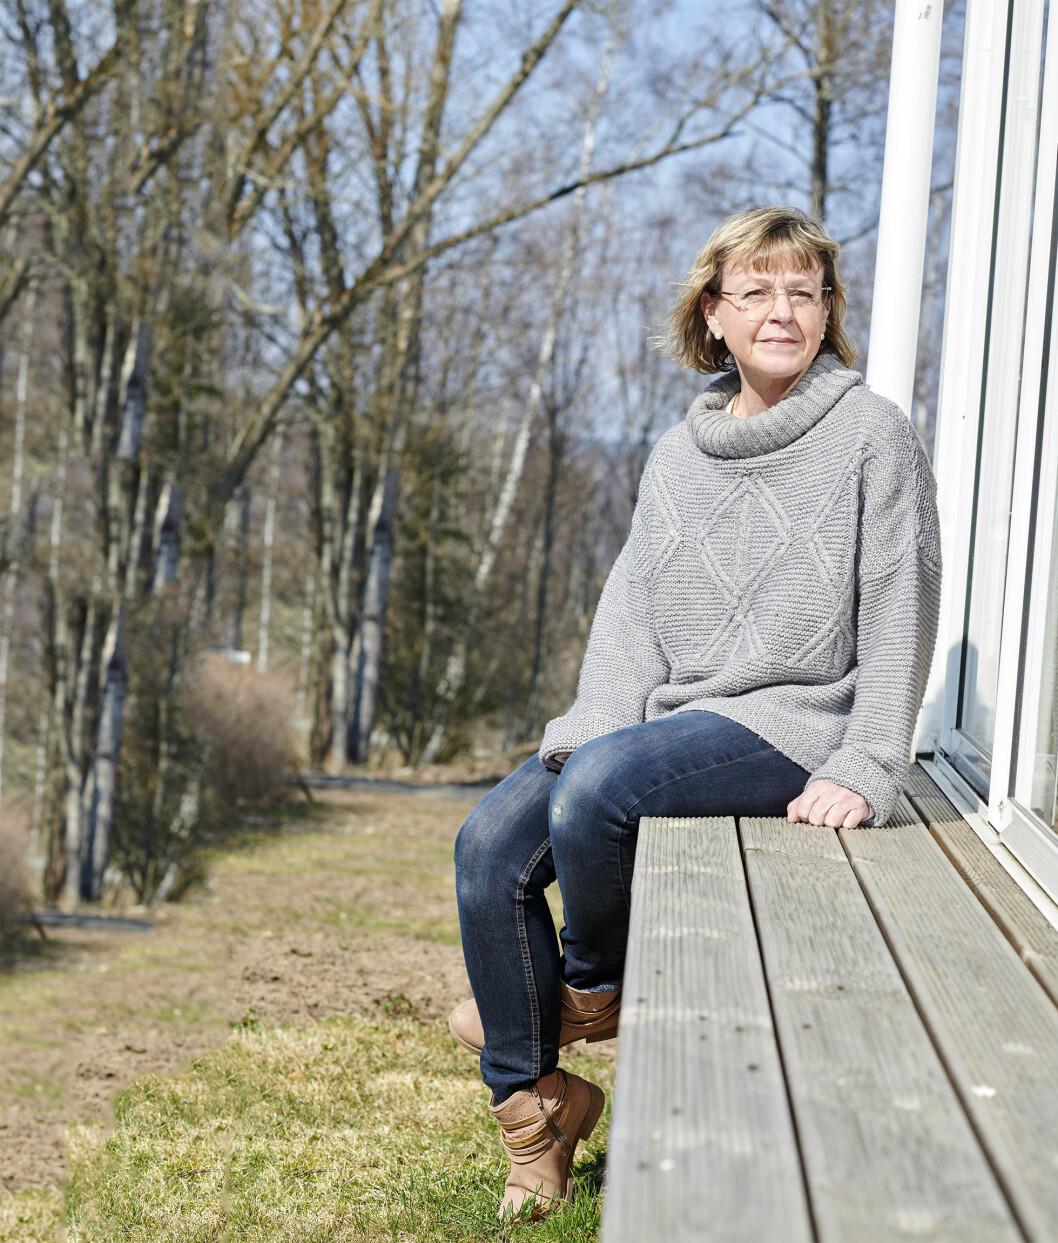 Sussi sitter på en bänk i solen och berättar om sin och systerns sjukdom –cystisk fibros-